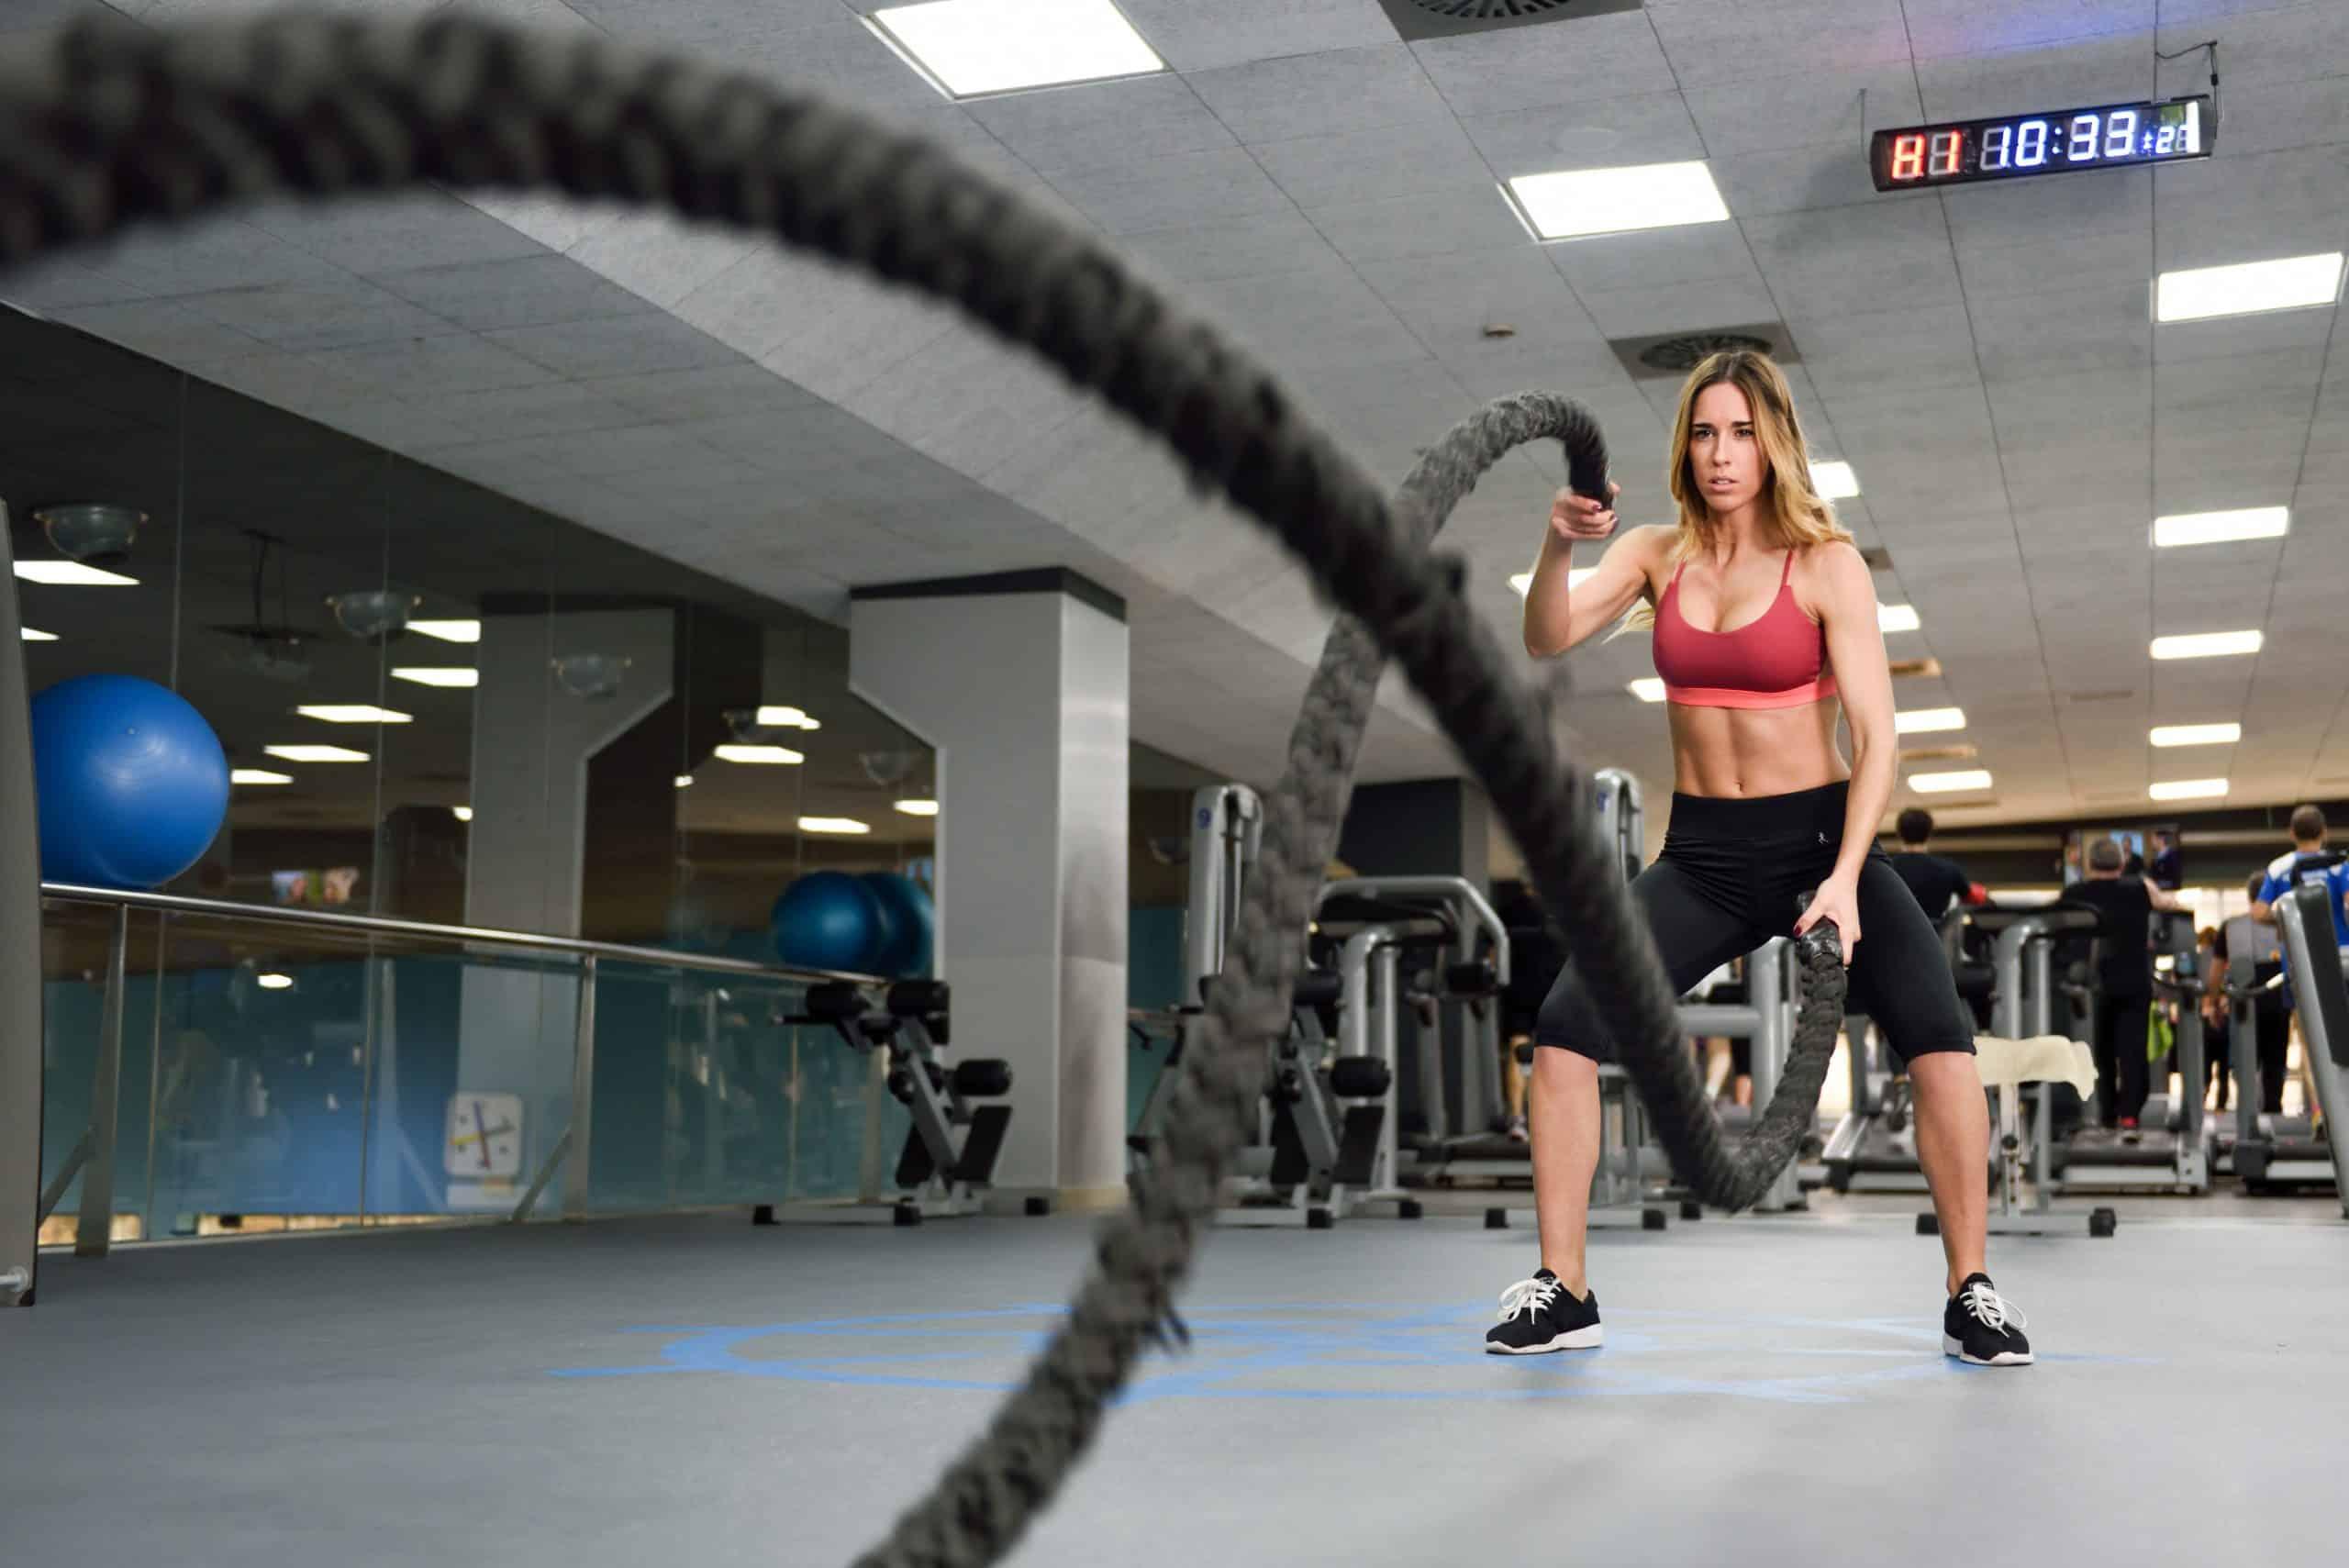 Kluby fitness i baseny otwierają się dla kadry narodowej w… przeciąganiu liny